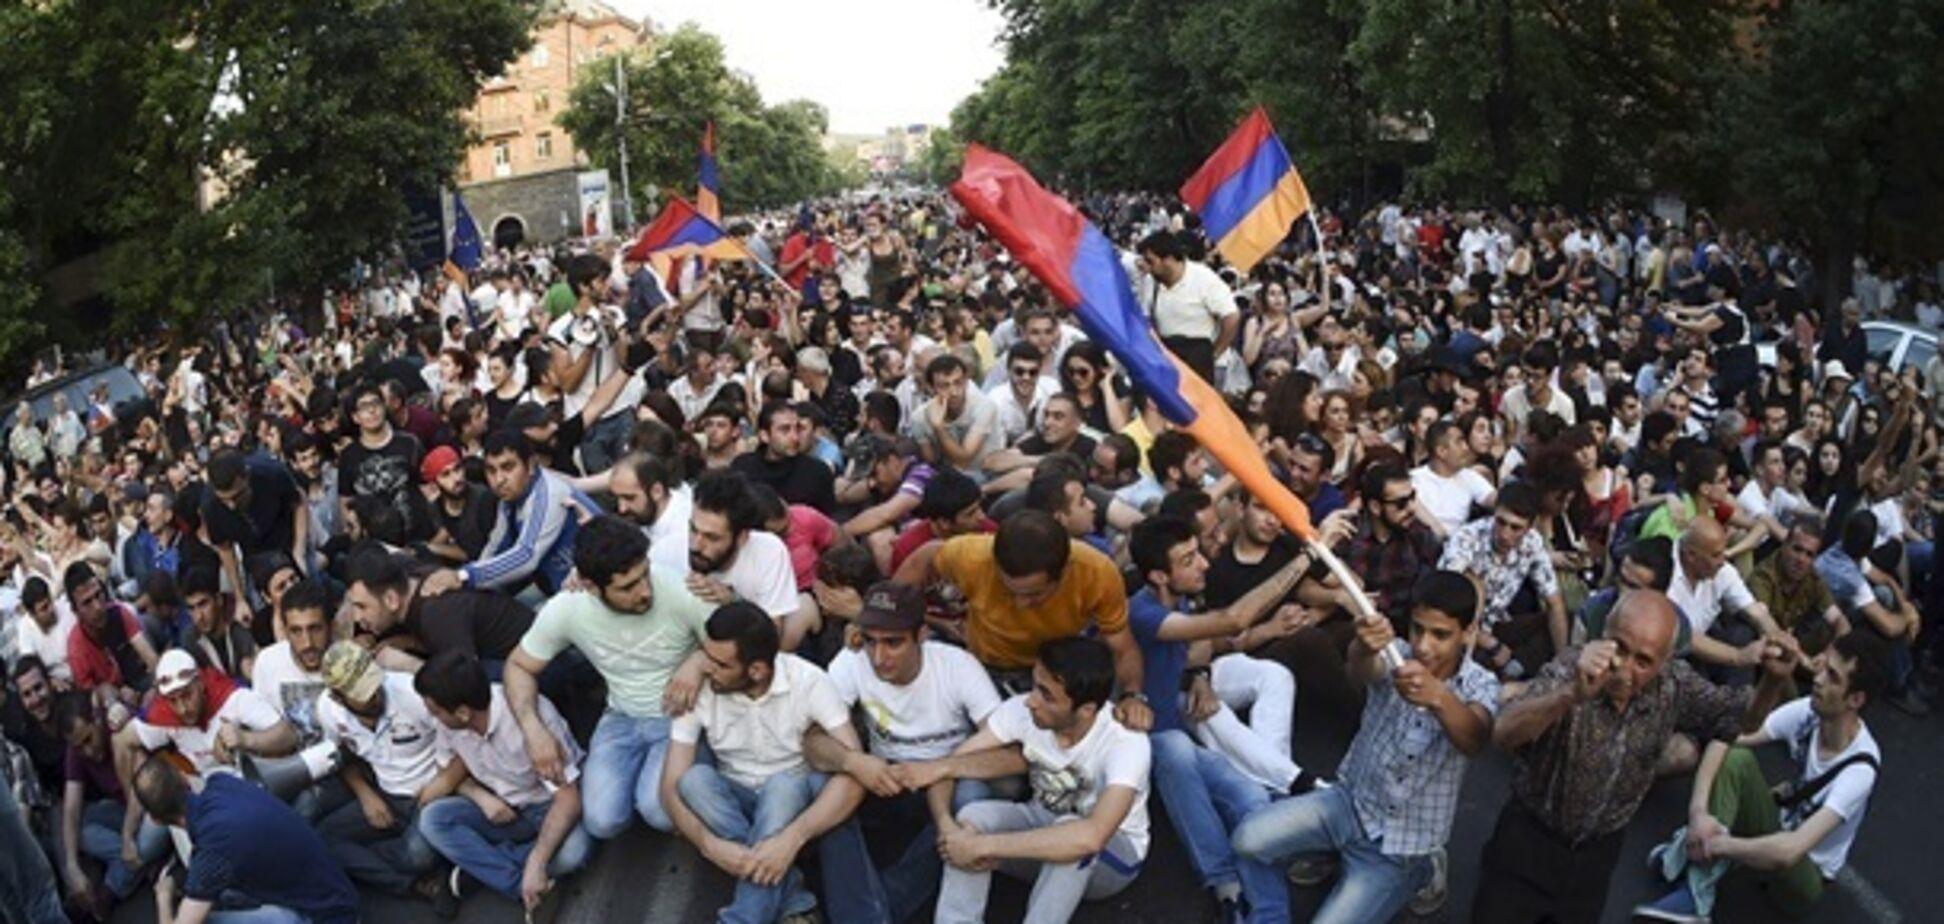 Протести у Вірменії: дипломат пояснив, хто смикає за ниточки